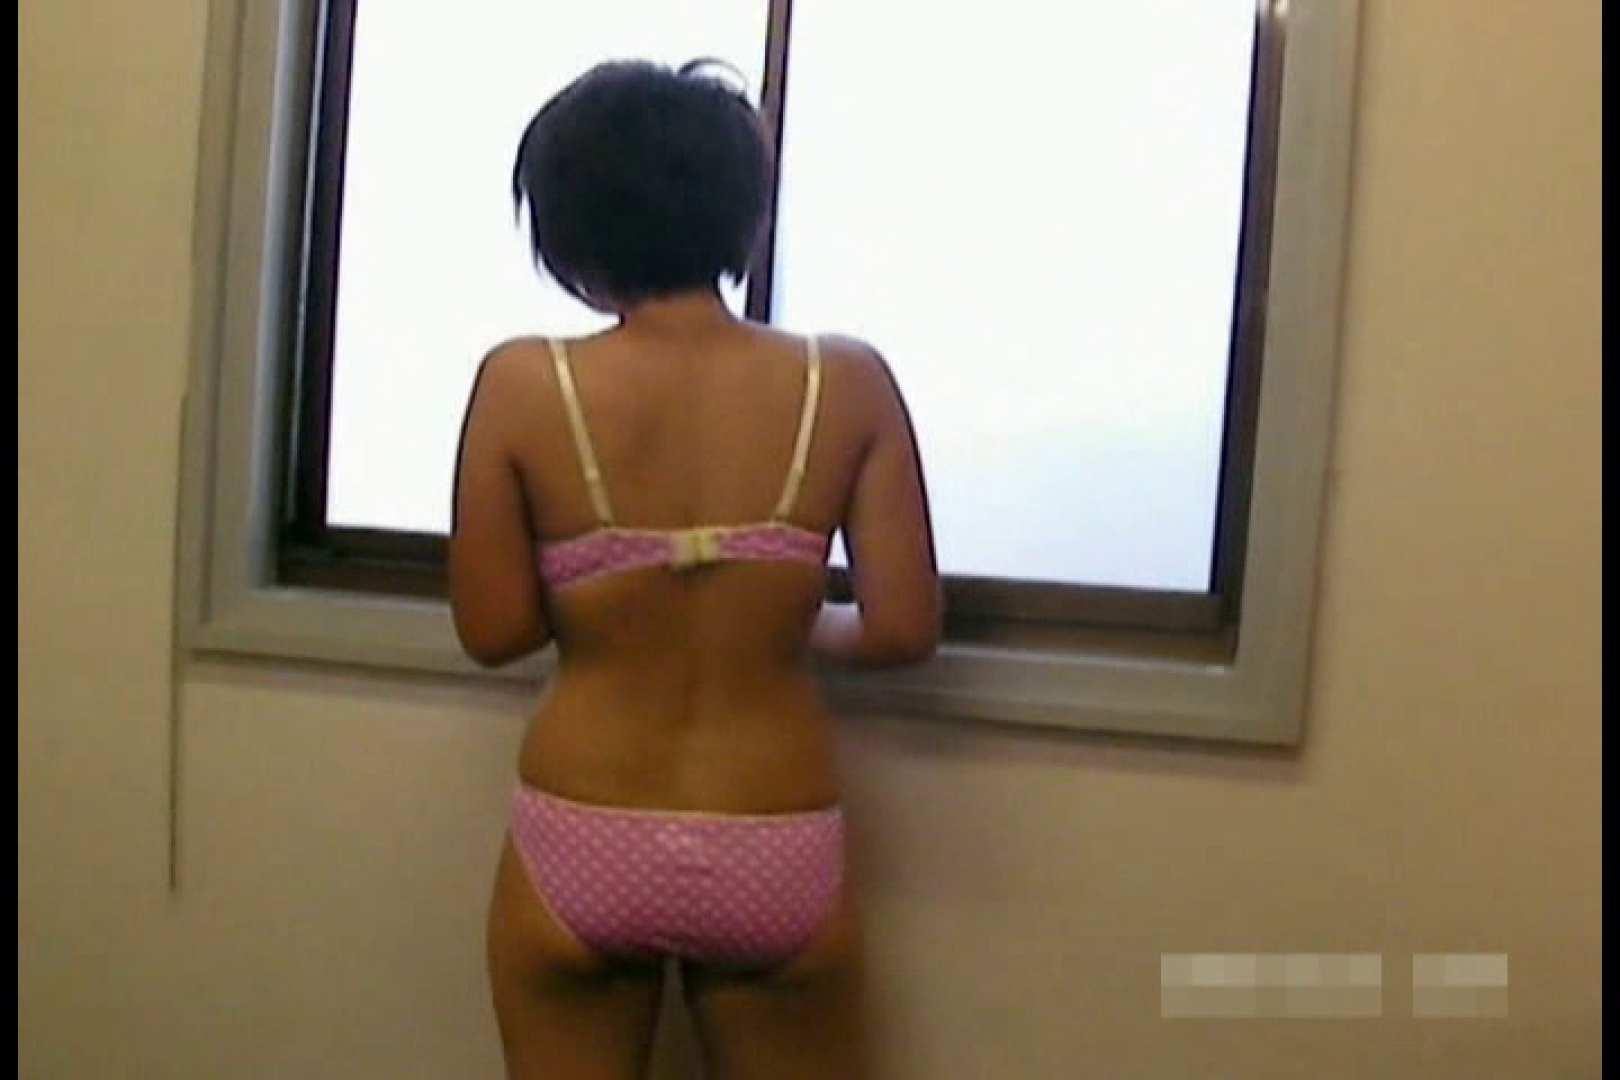 素人撮影 下着だけの撮影のはずが・・・エミちゃん18歳 オマンコ  29連発 23